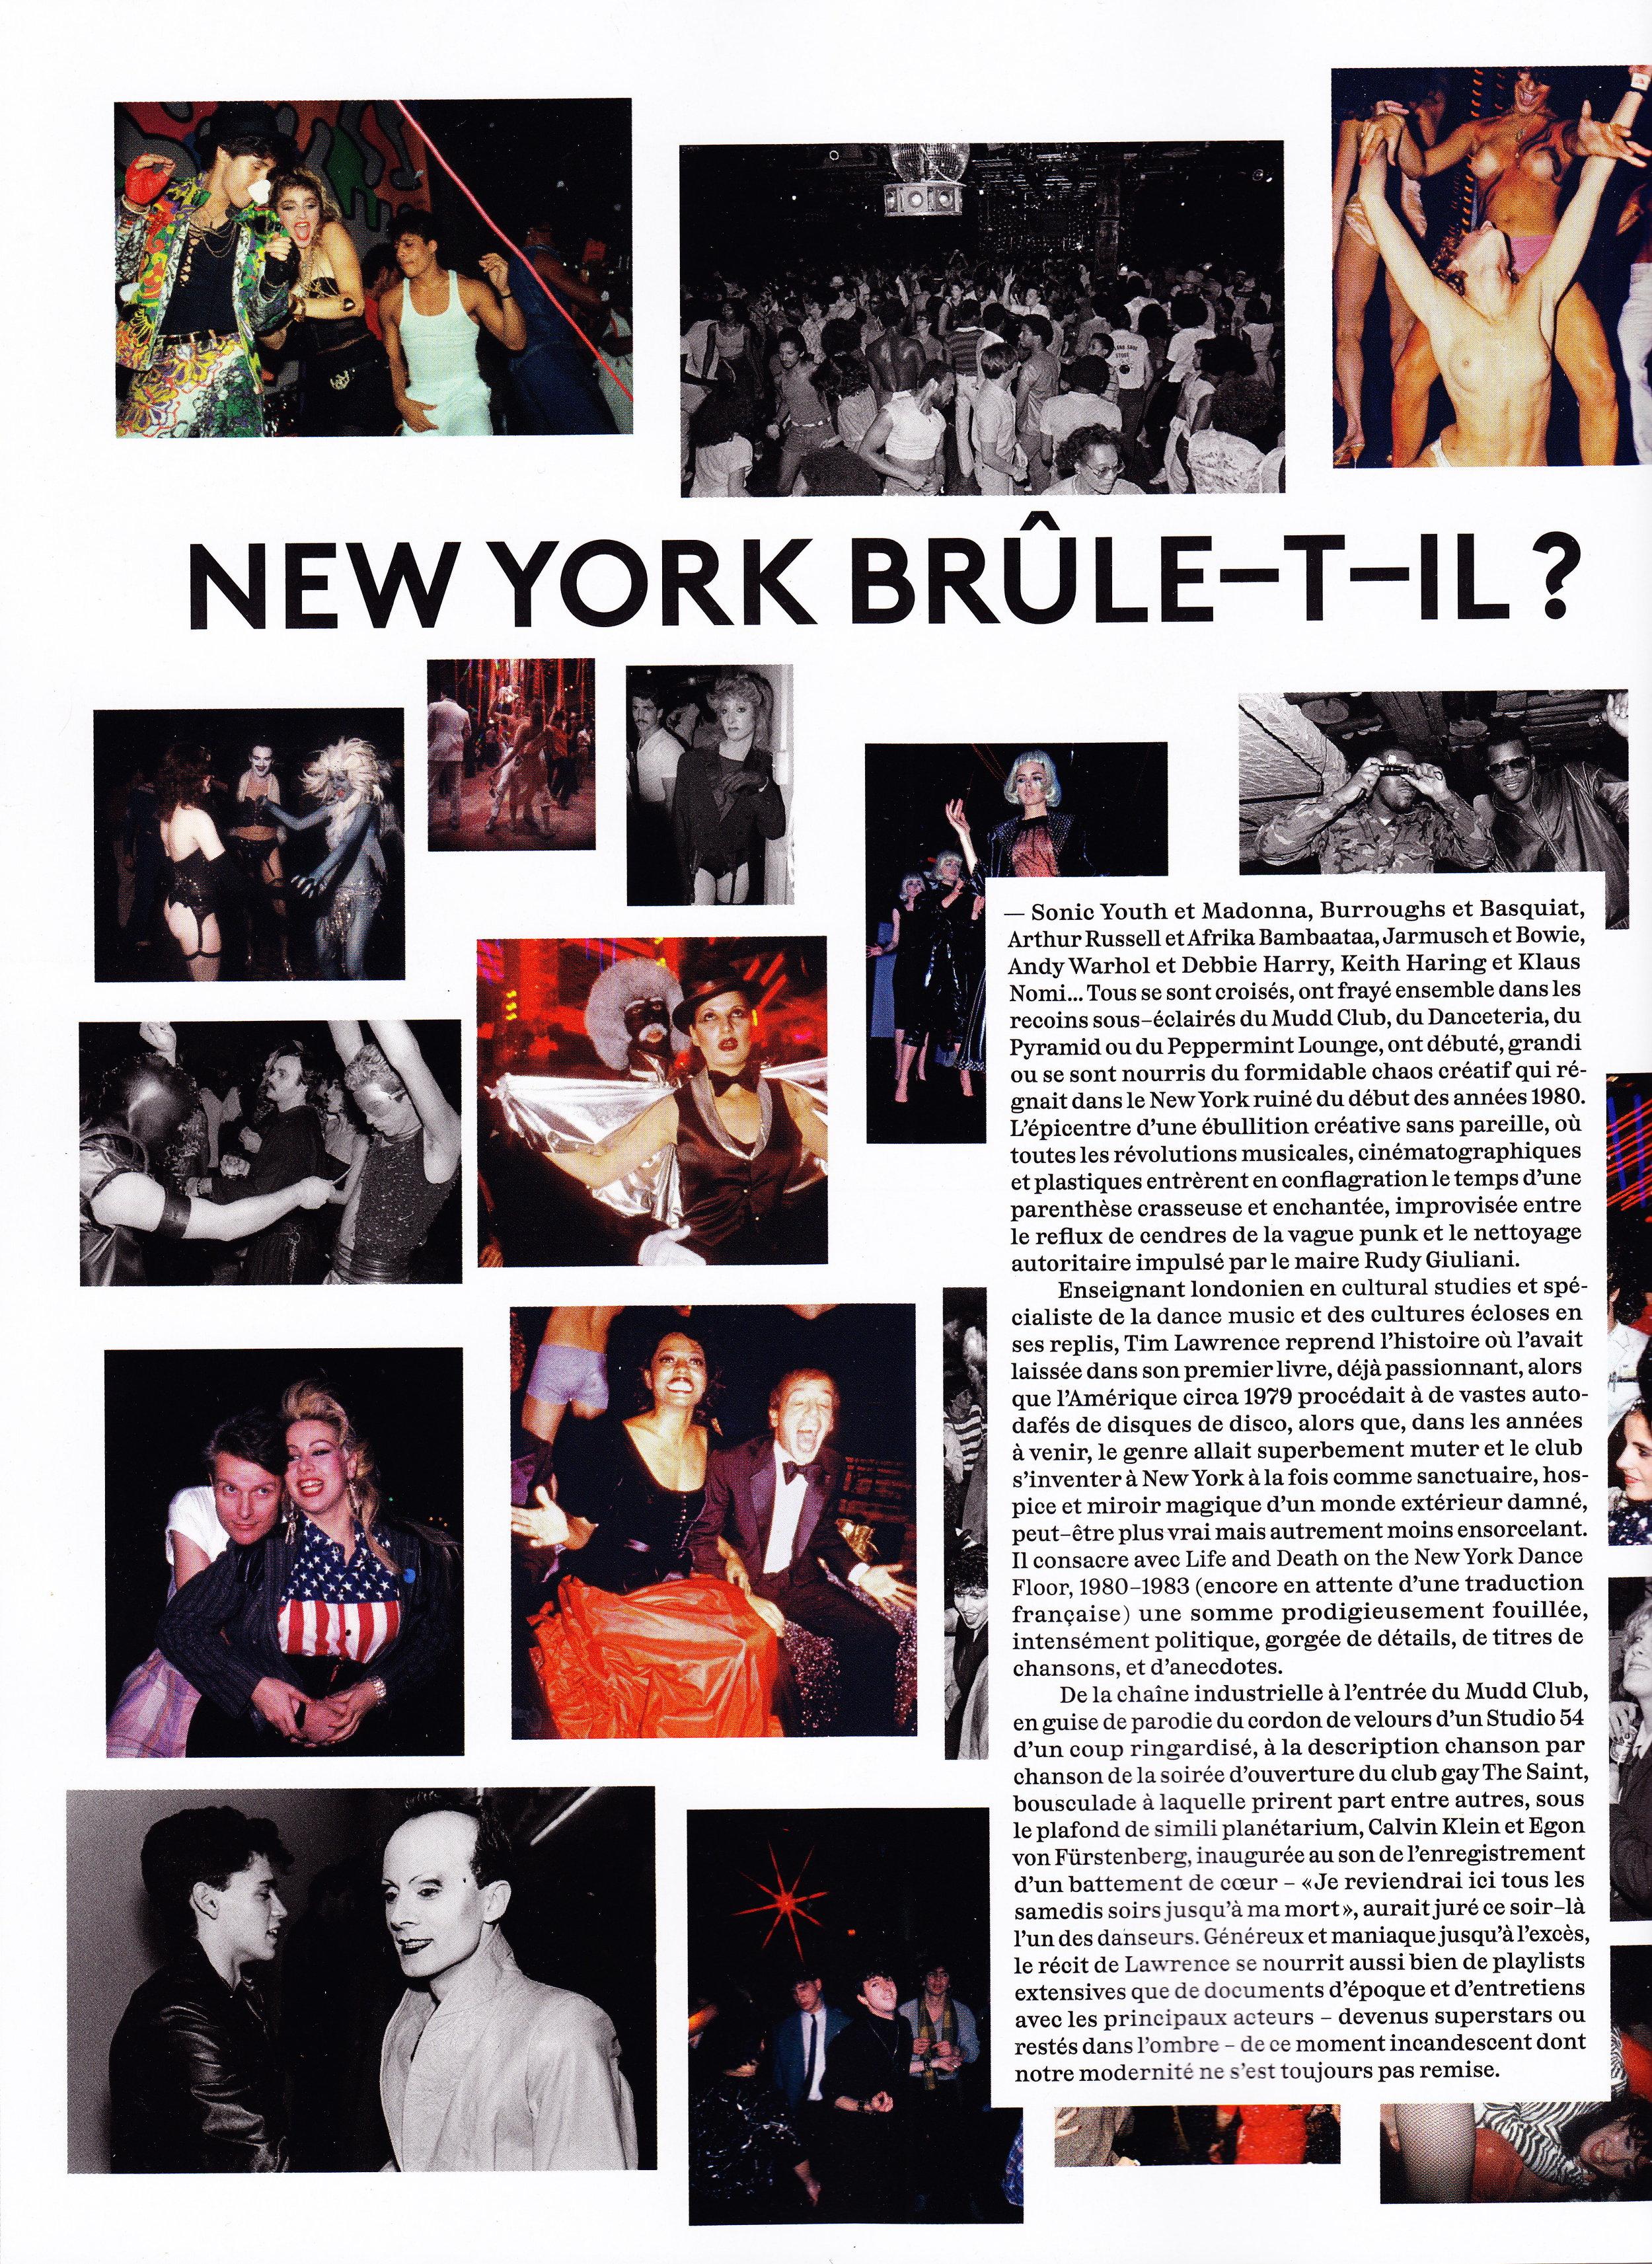 Vogue-1.jpg